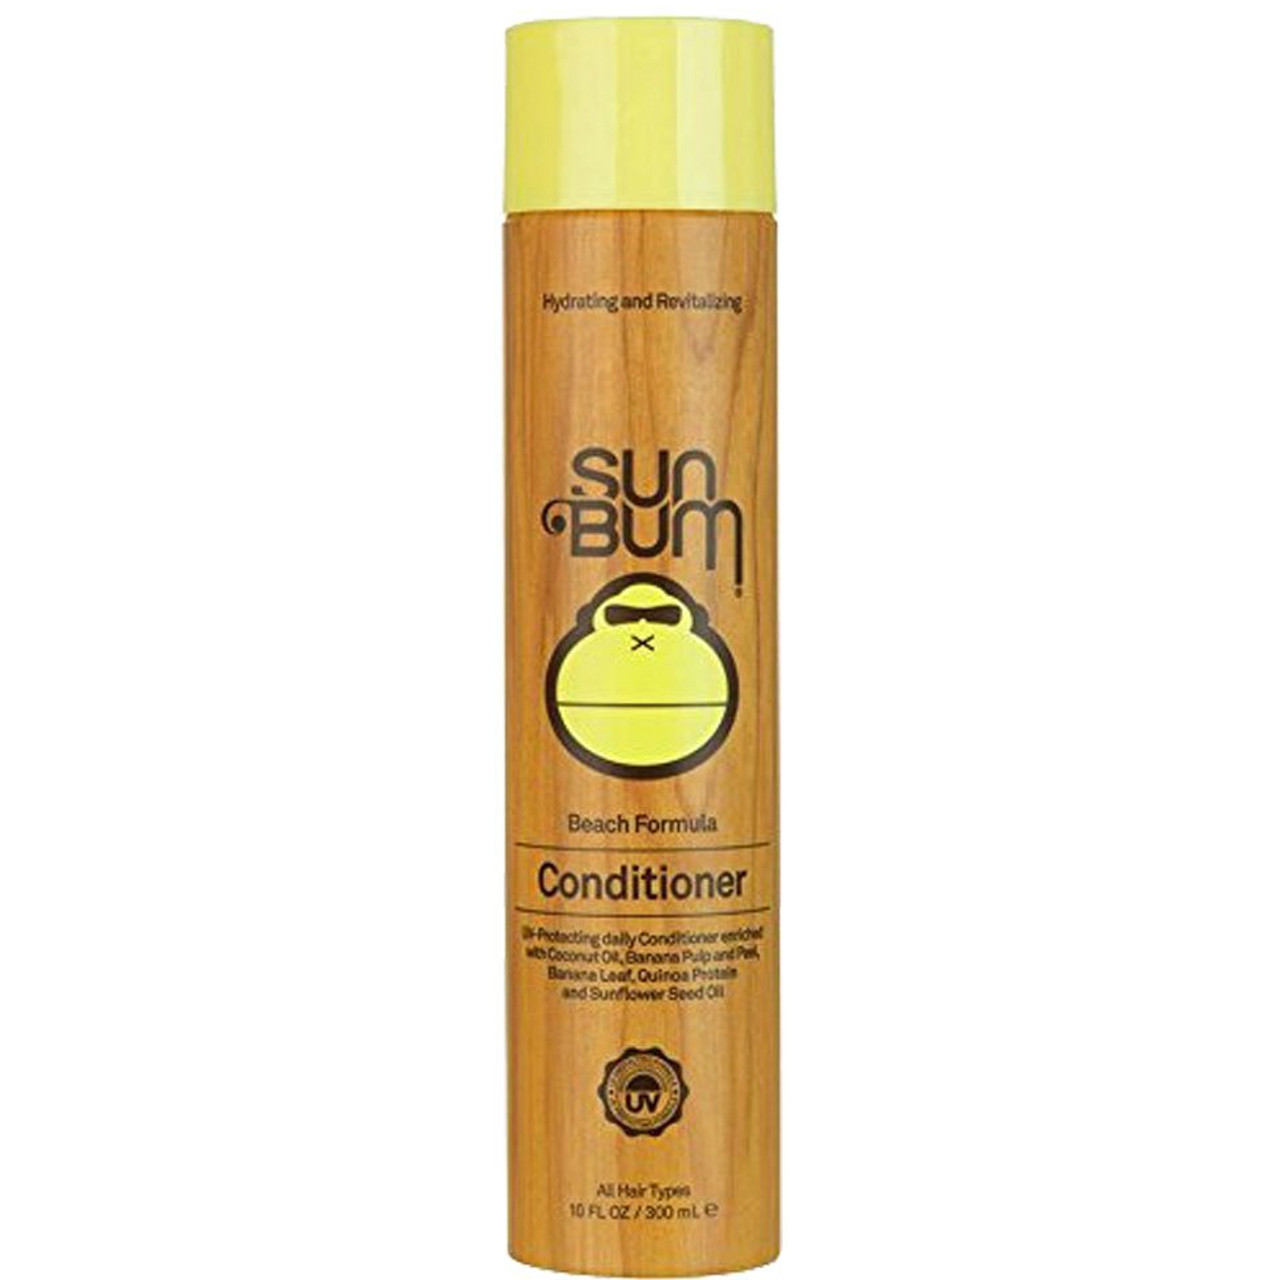 Sun Bum Conditioner 10 oz